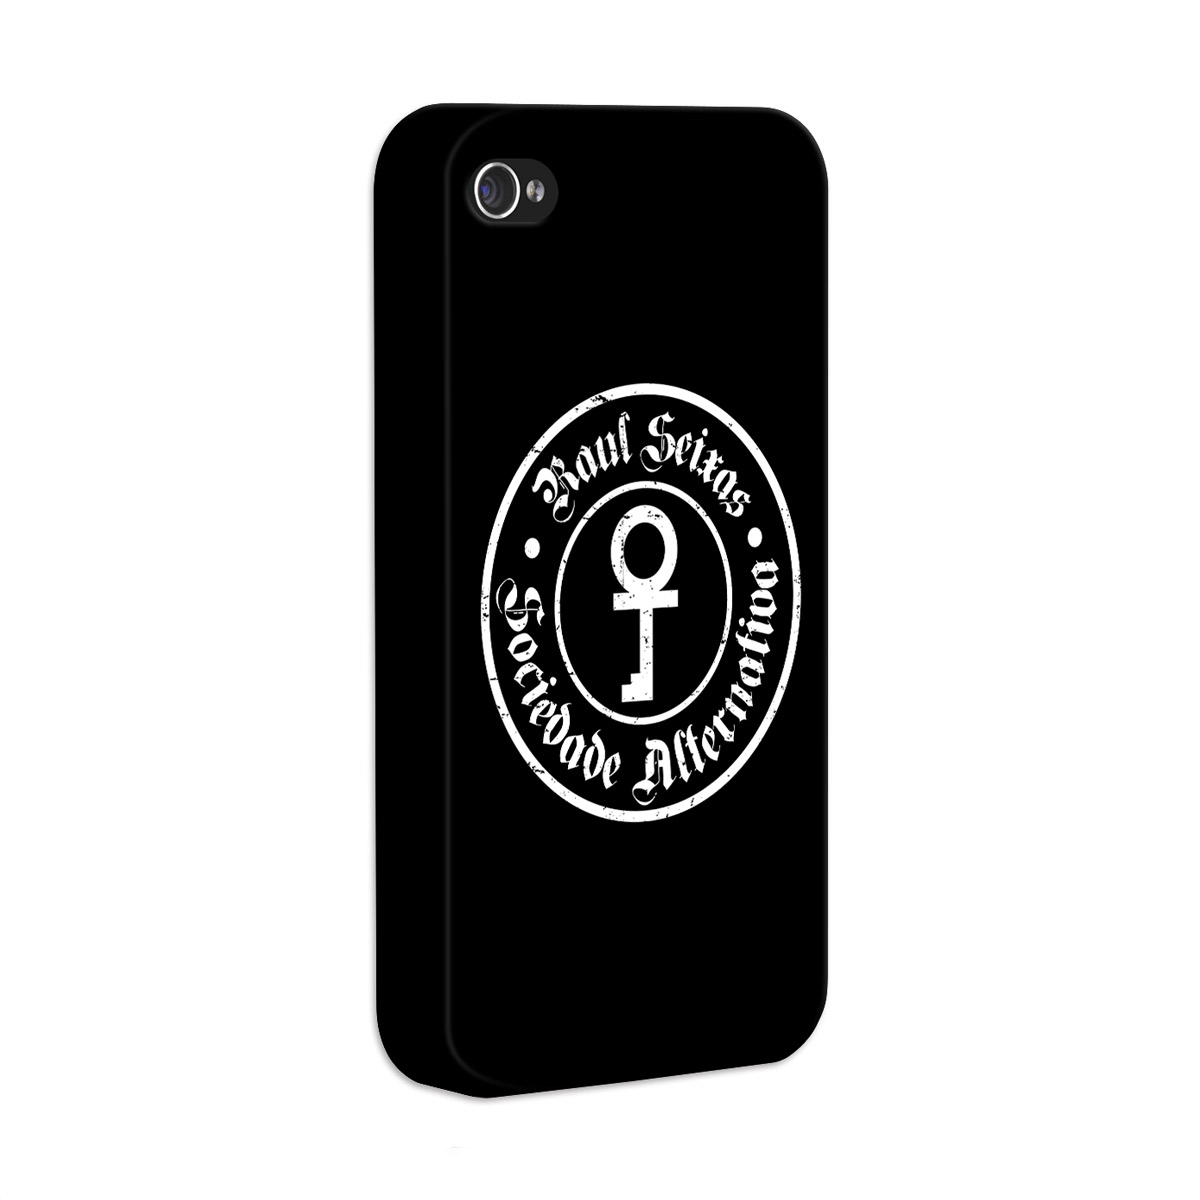 Capa de iPhone 4/4S Raul Seixas Sociedade Alternativa